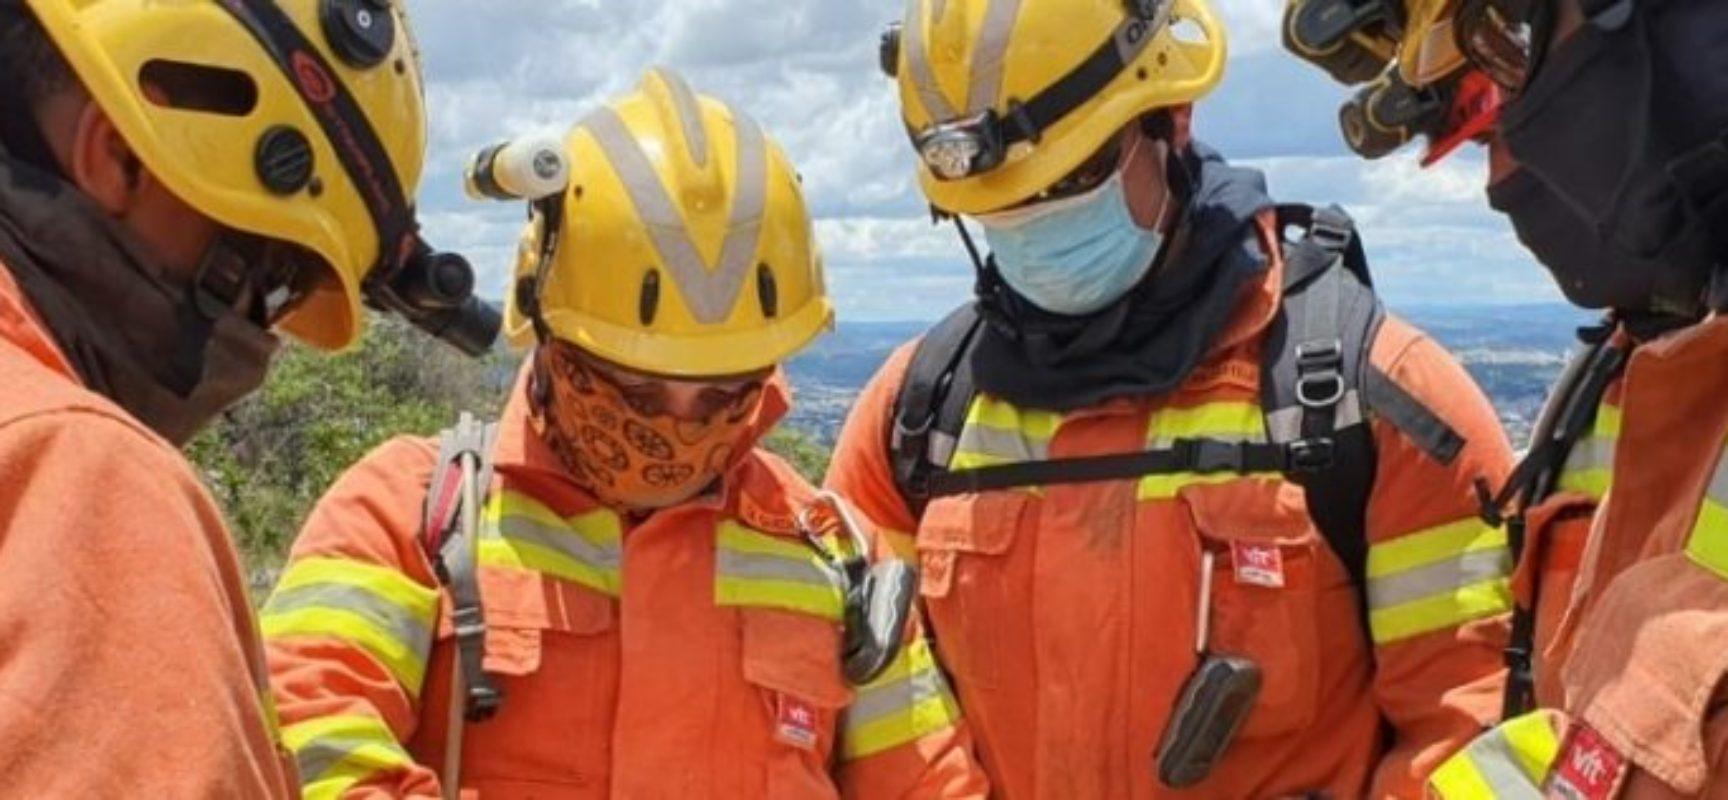 Taxa cobrada de seguradoras por serviço prestado pelo Corpo de Bombeiros é inconstitucional